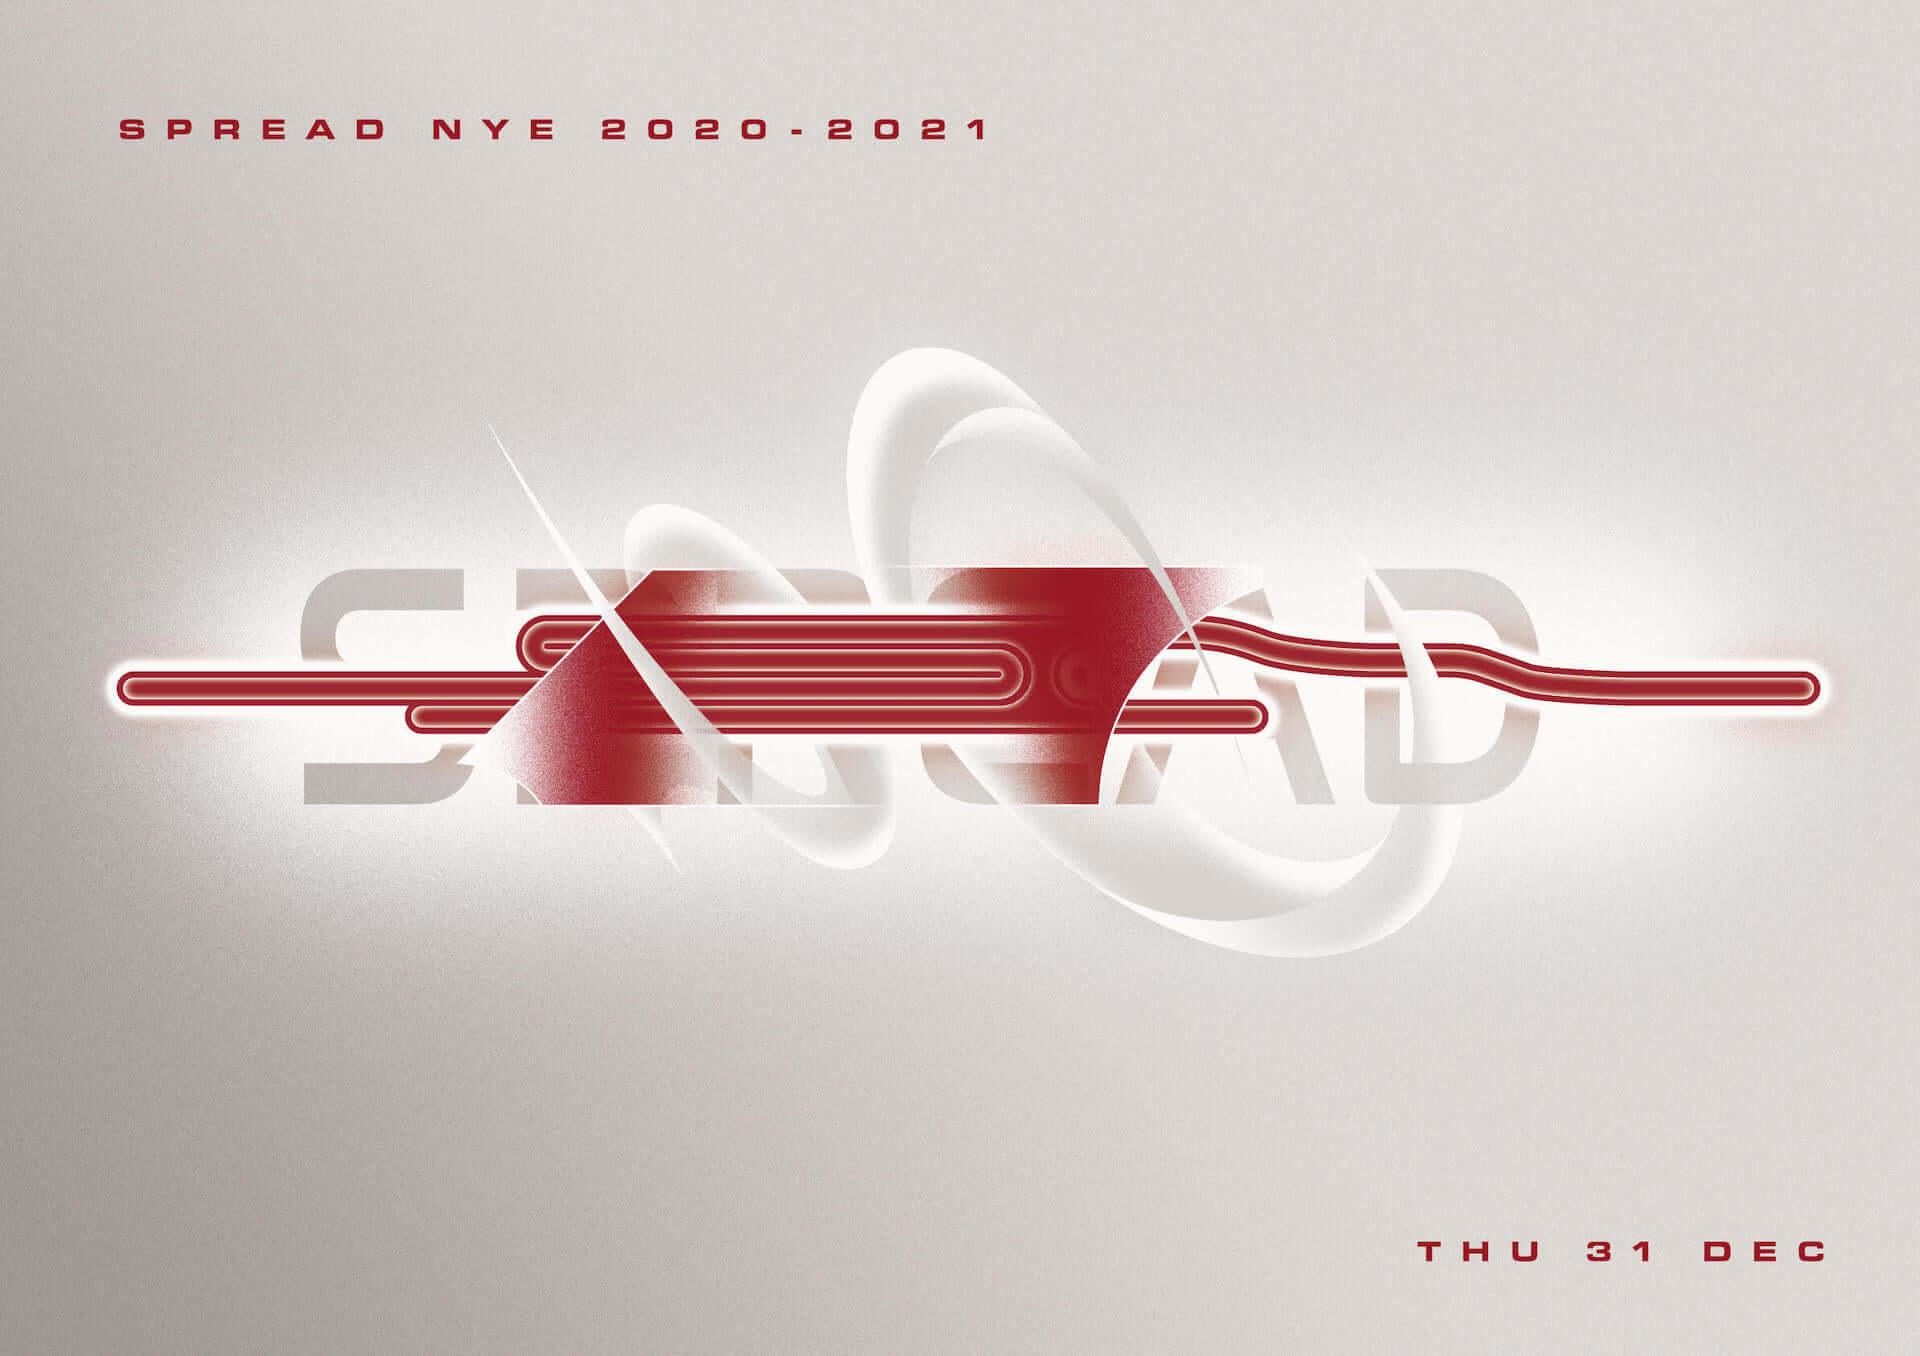 下北沢SPREADにて21時間連続の年越し/新年パーティーが開催決定!Ramza、MOODMAN、TYO GQOM、¥ØU$UK€ ¥UK1MAT$Uらが出演 music201223_spread_18-1920x1356